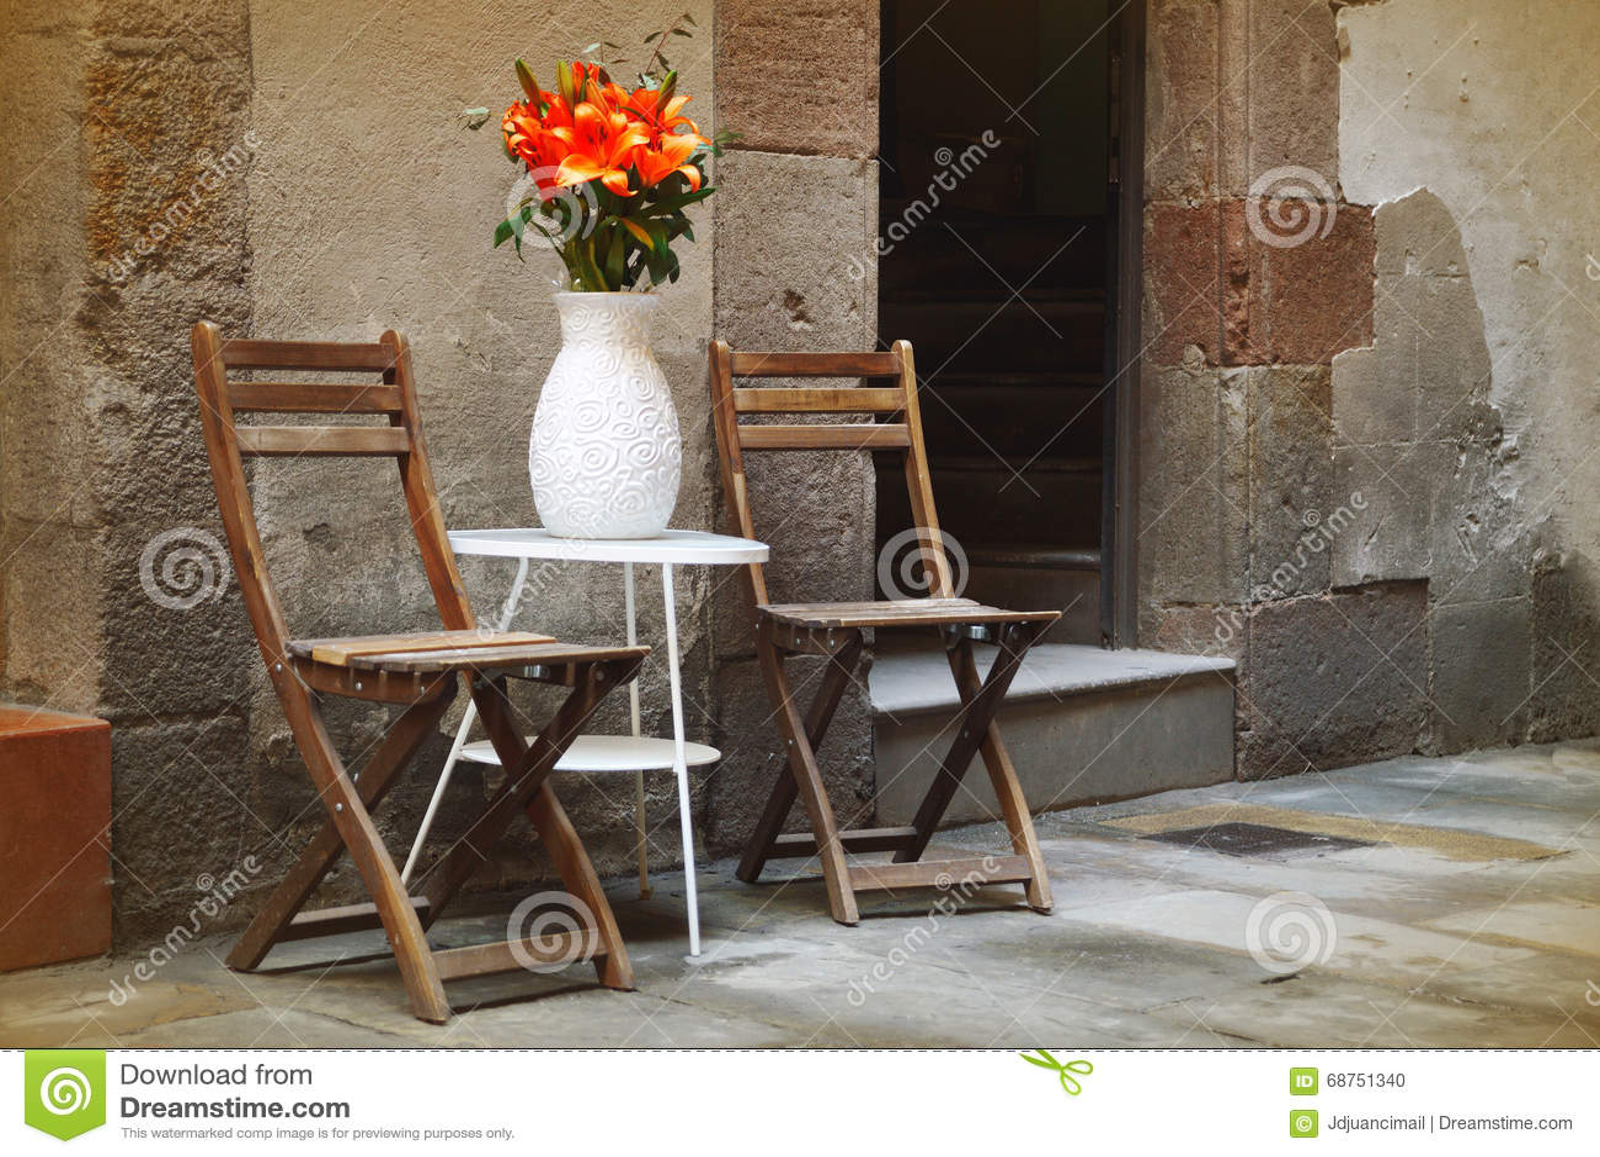 In Stühle In Rustikale Einem Winkel Romantischen Barcelona vwNm80nO